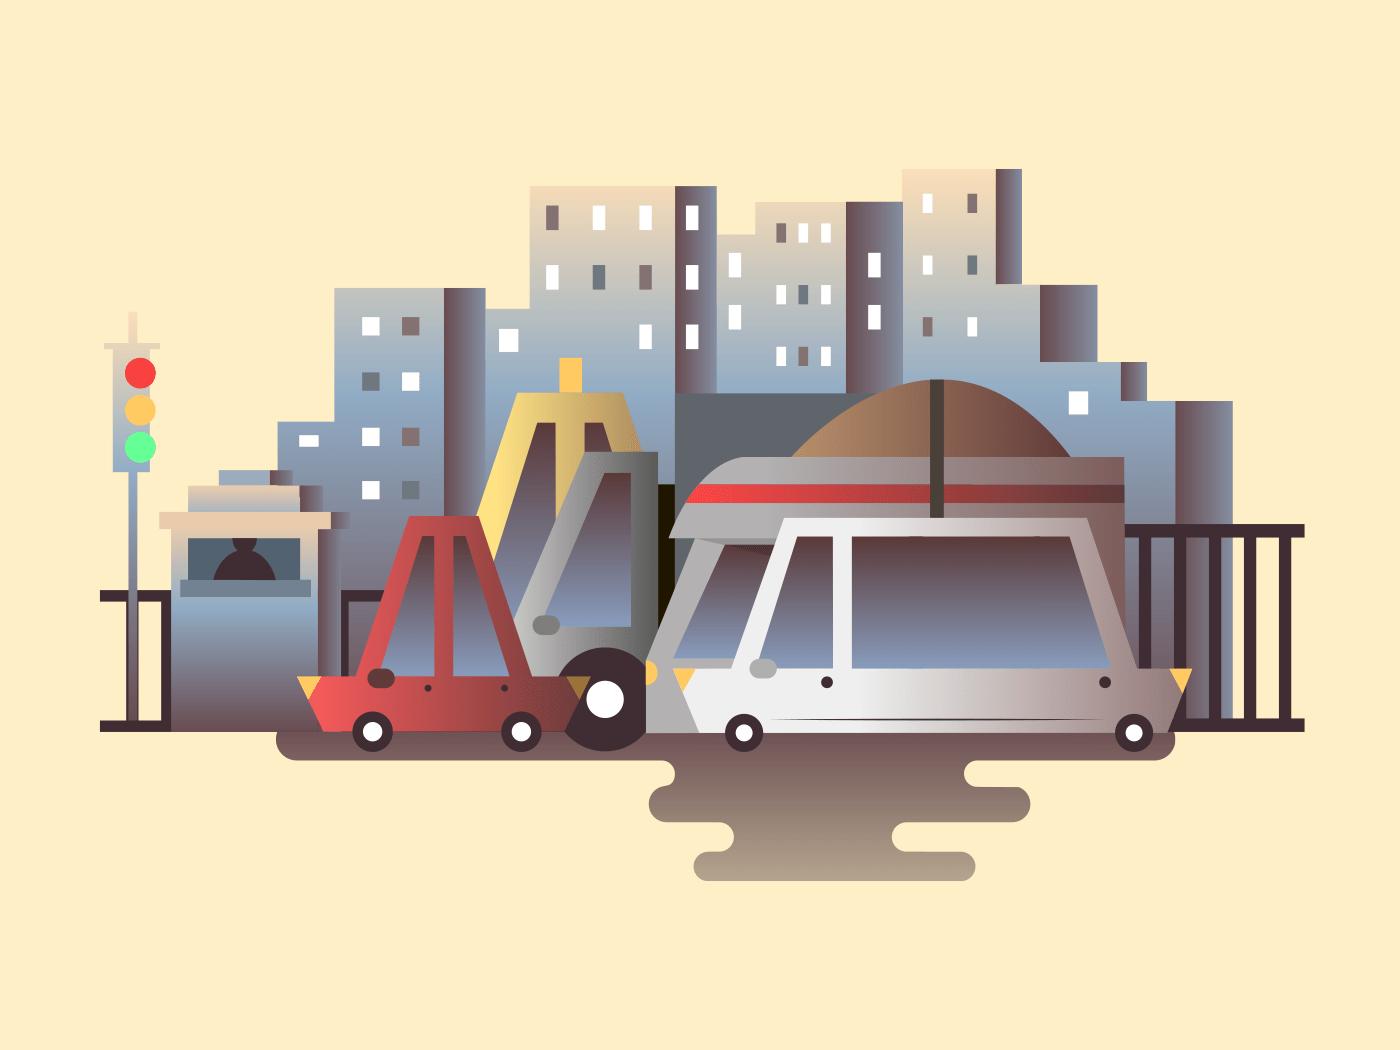 Road traffic illustration